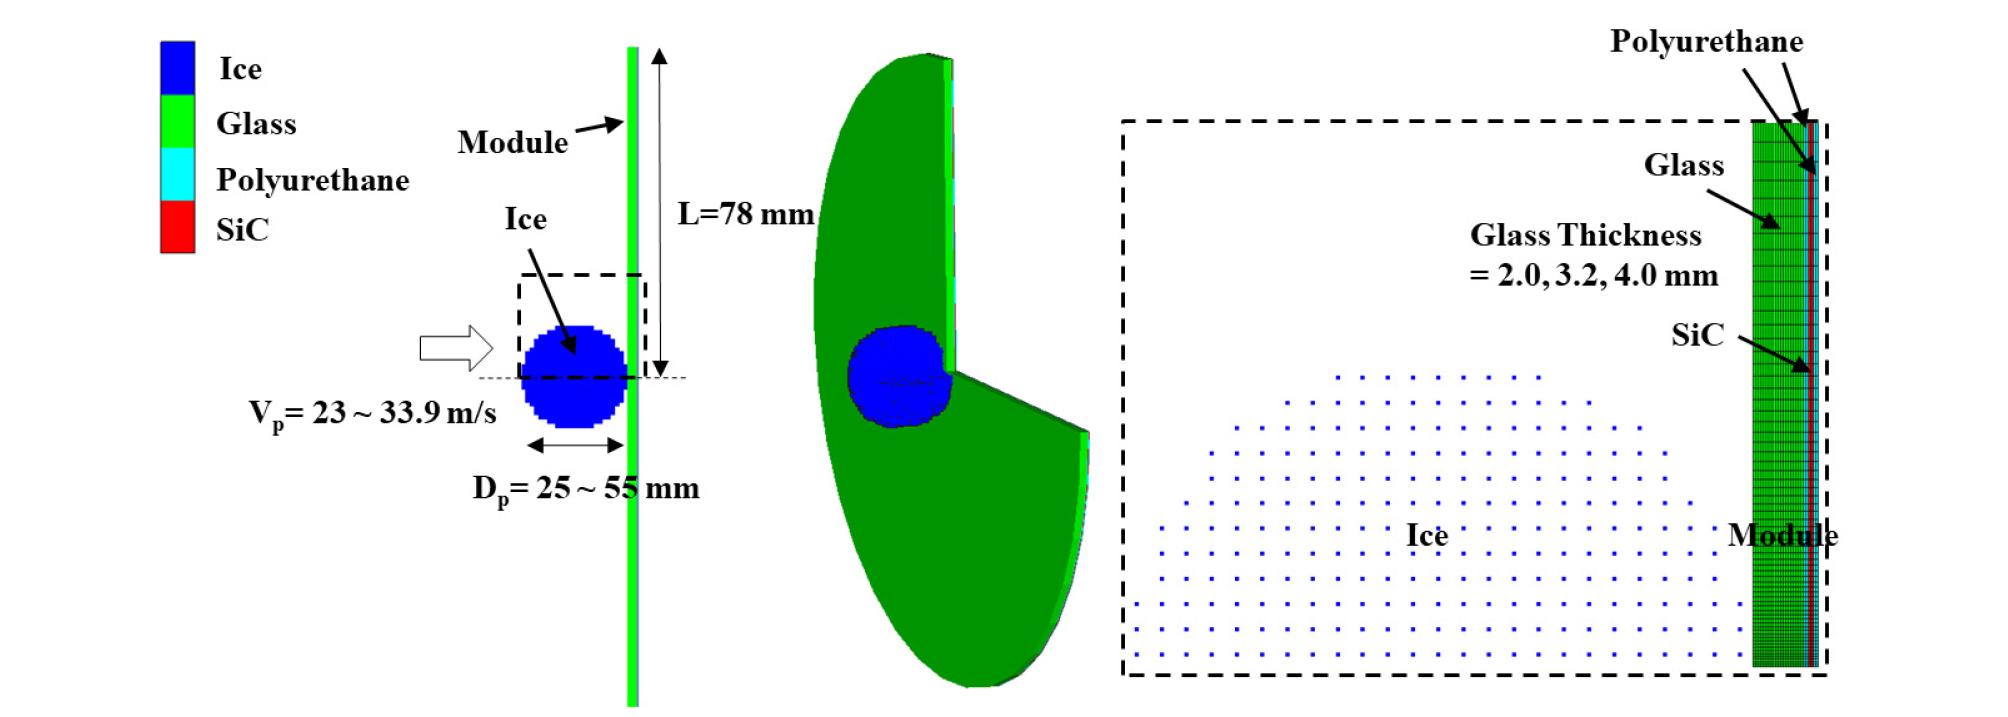 http://static.apub.kr/journalsite/sites/kses/2020-040-04/N0600400403/images/Figure_KSES_40_04_03_F2.jpg